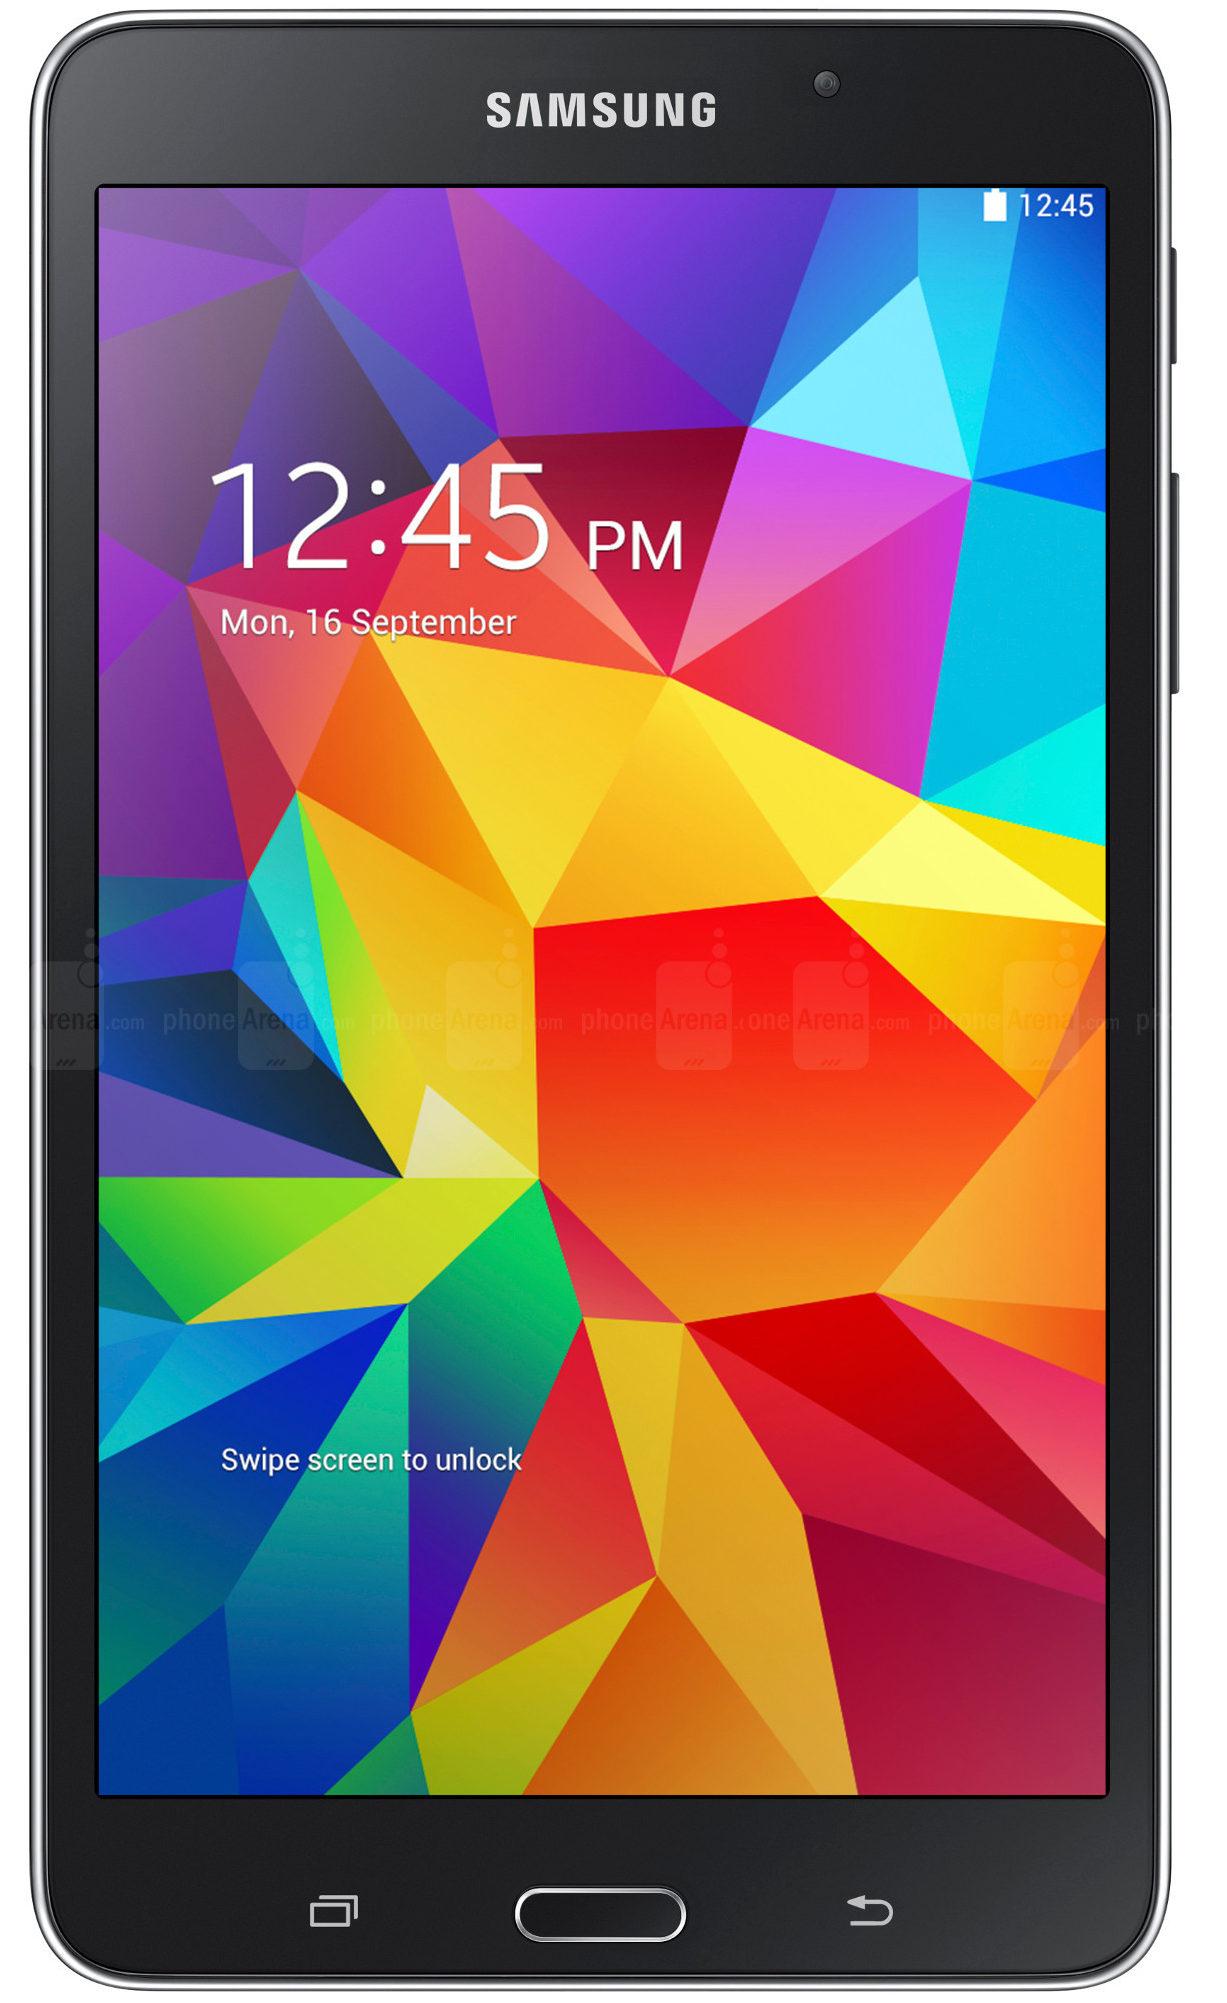 002-Samsung-Galaxy-Tab-4-7.0-0